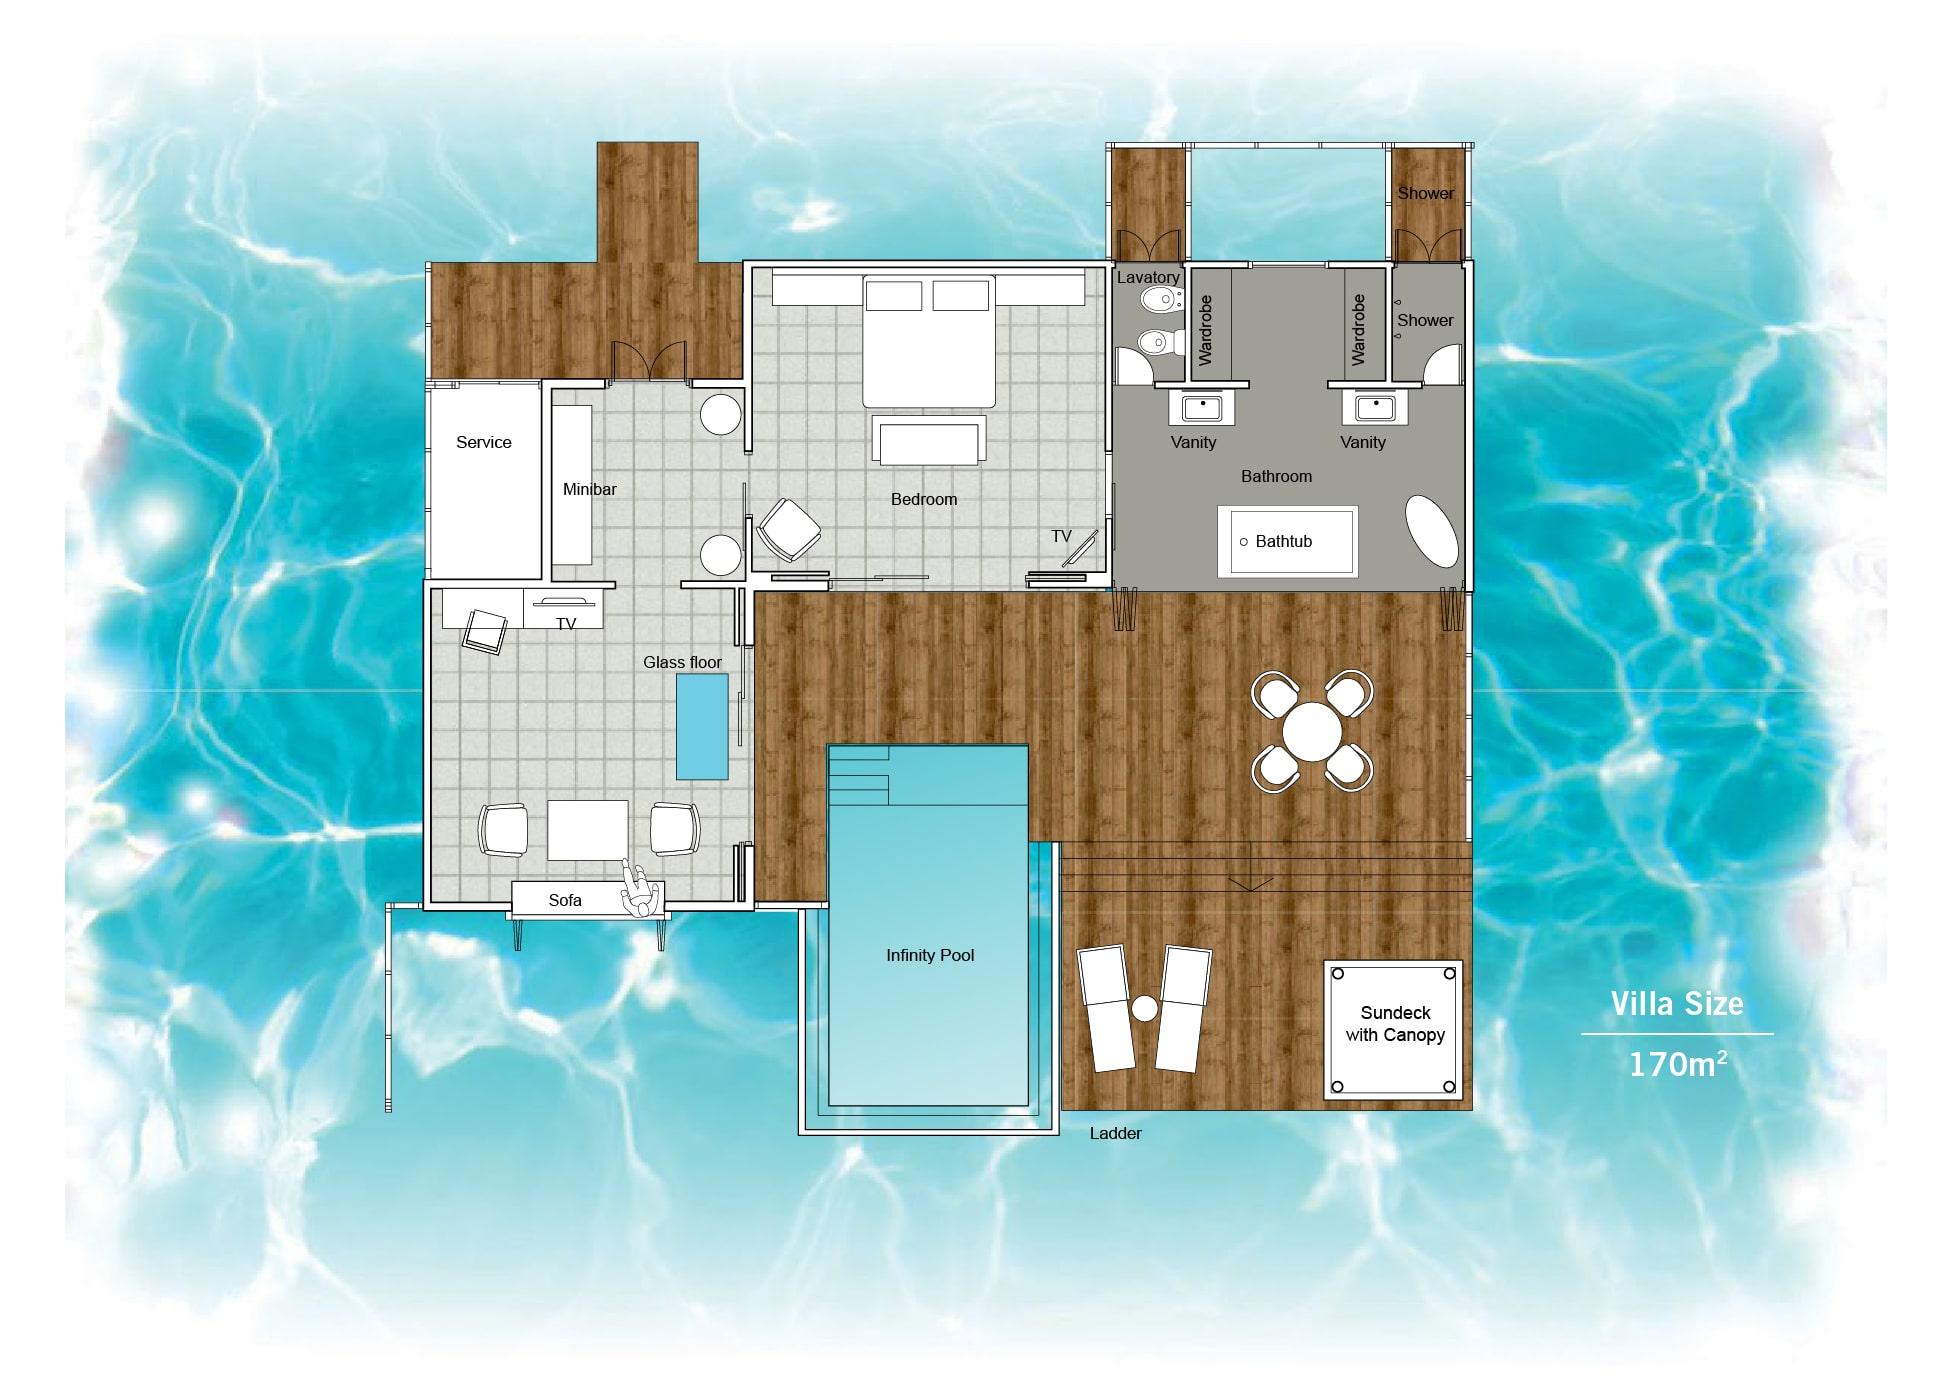 Мальдивы, отель Sun Siyam Iru Fushi, план-схема номера Infinity Water Villa